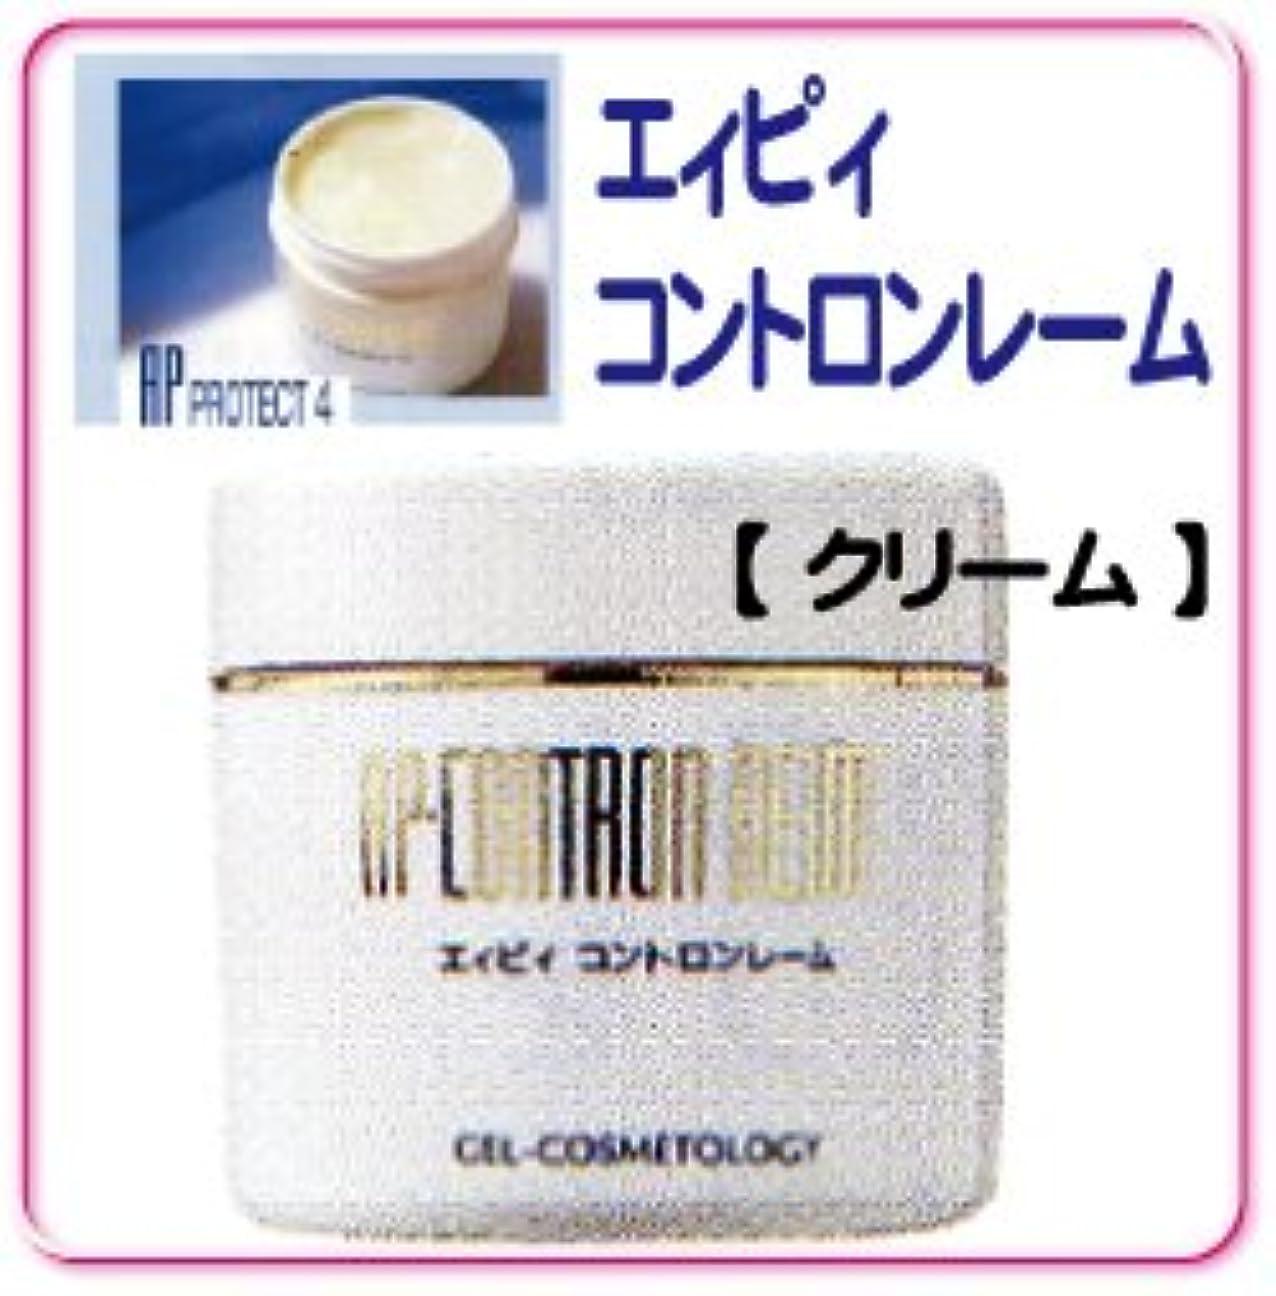 主要な可塑性口径ベルマン化粧品 APprotectシリーズ  コントロンレーム  敏感肌用クリーム 110g